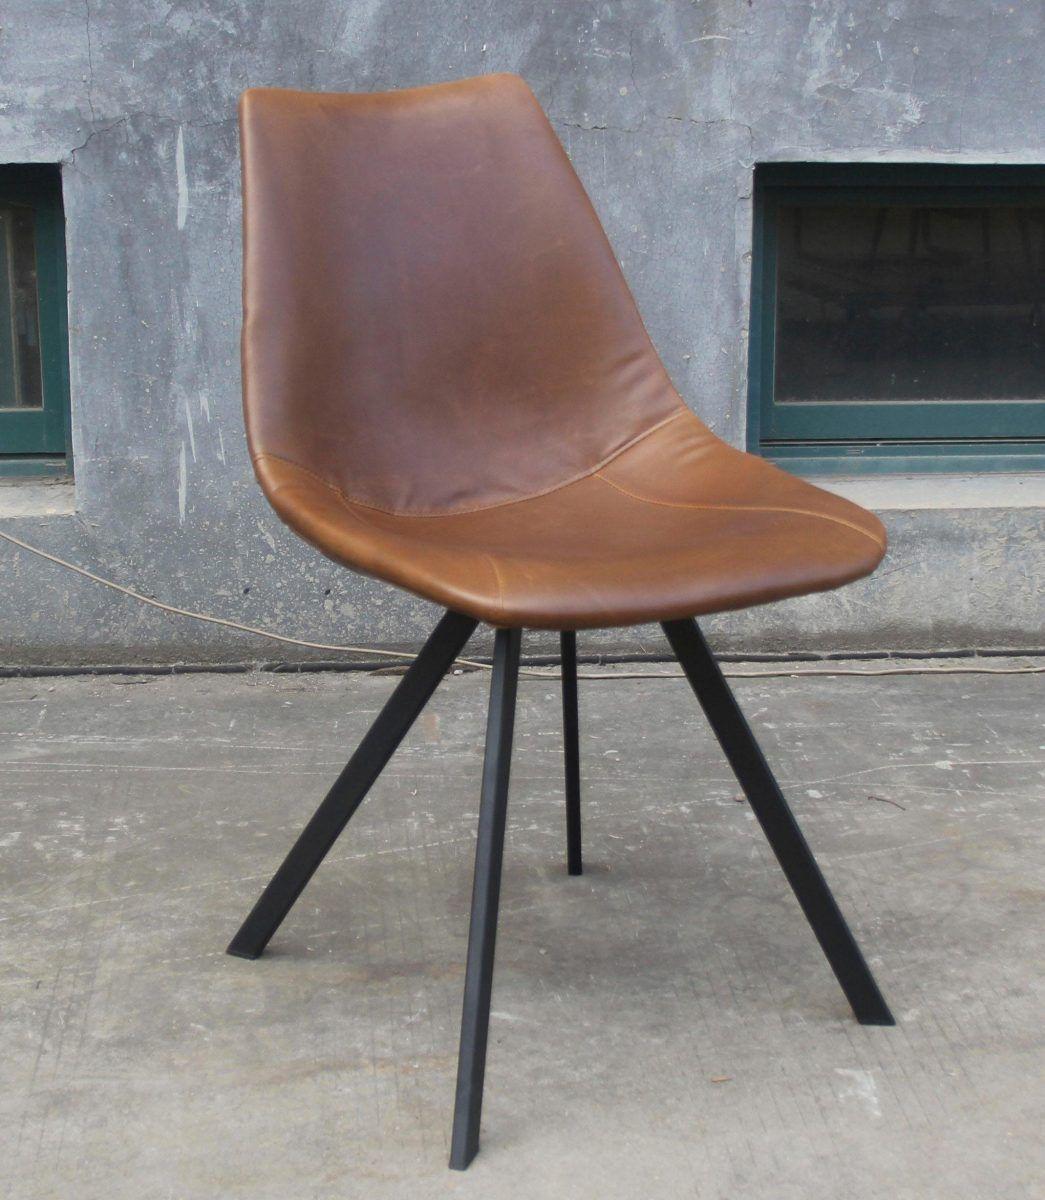 SIT Stühle »Langley« schwarz, SIT-Möbel Jetzt bestellen unter: https ...